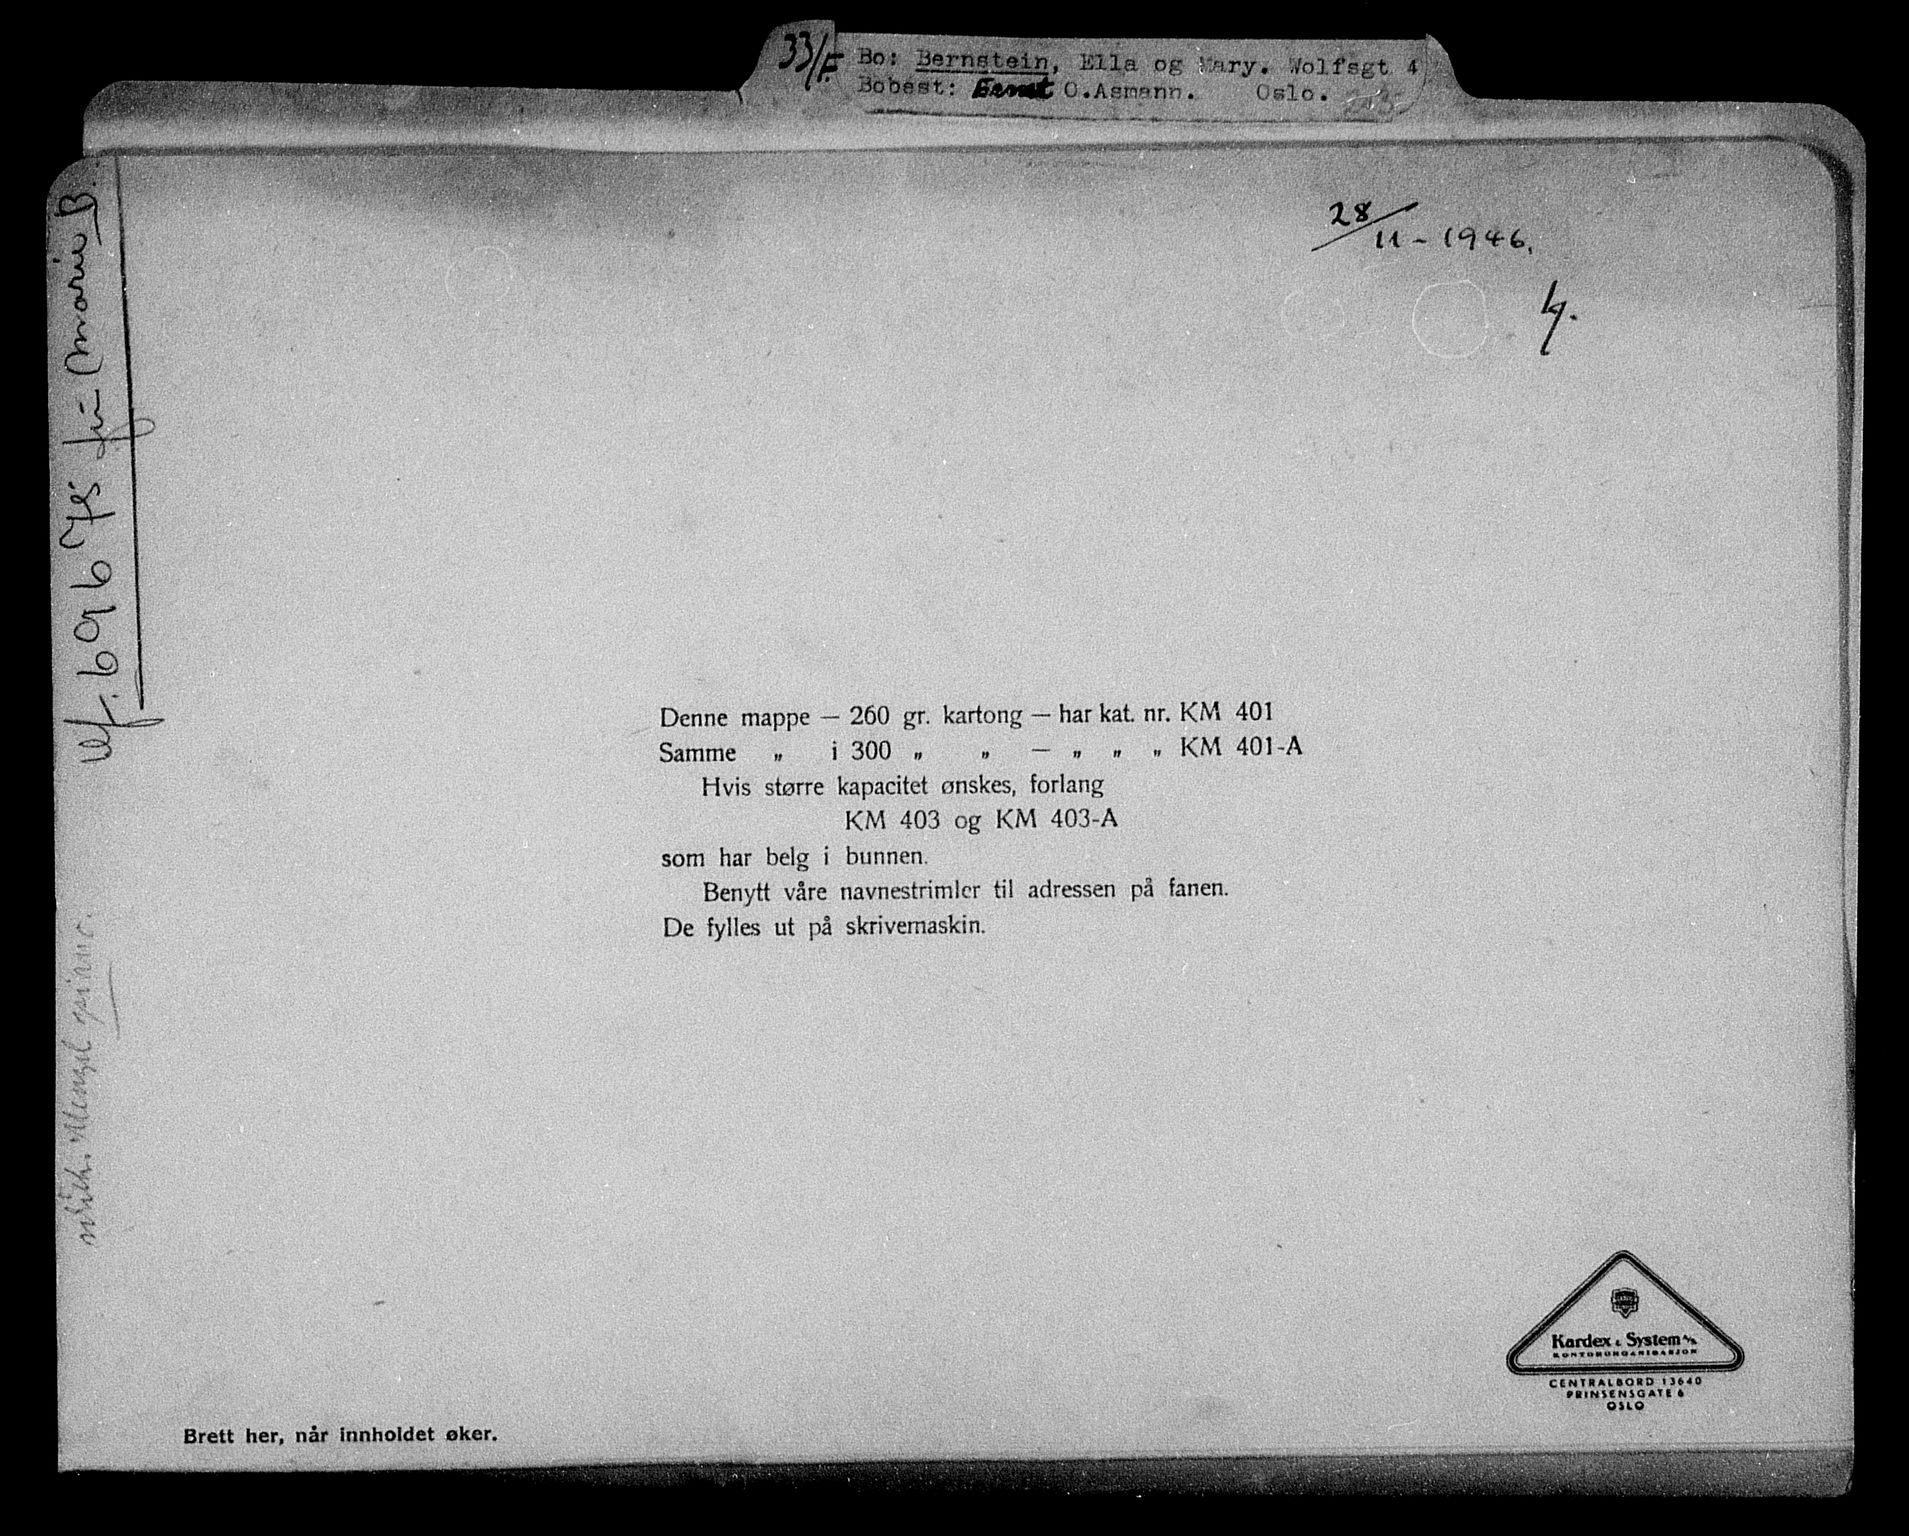 RA, Justisdepartementet, Tilbakeføringskontoret for inndratte formuer, H/Hc/Hcc/L0922: --, 1945-1947, s. 2